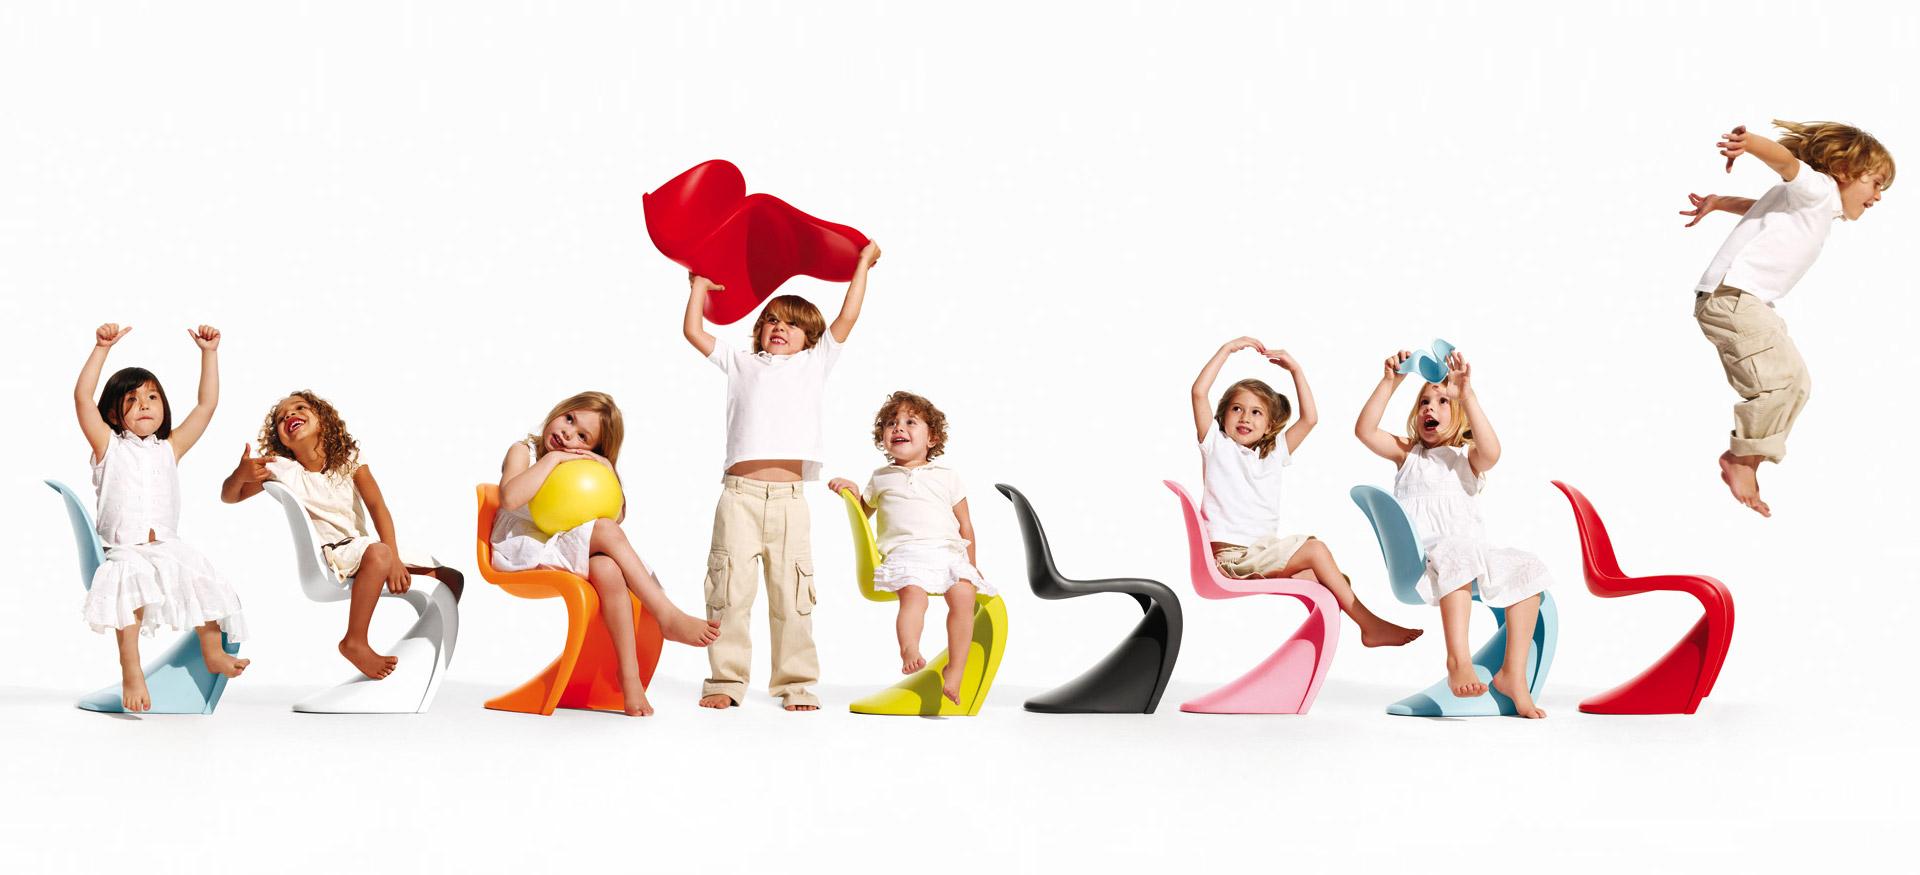 Matná dětská židle Panton Junior z polypropylenu od značky Vitra. © Vitra